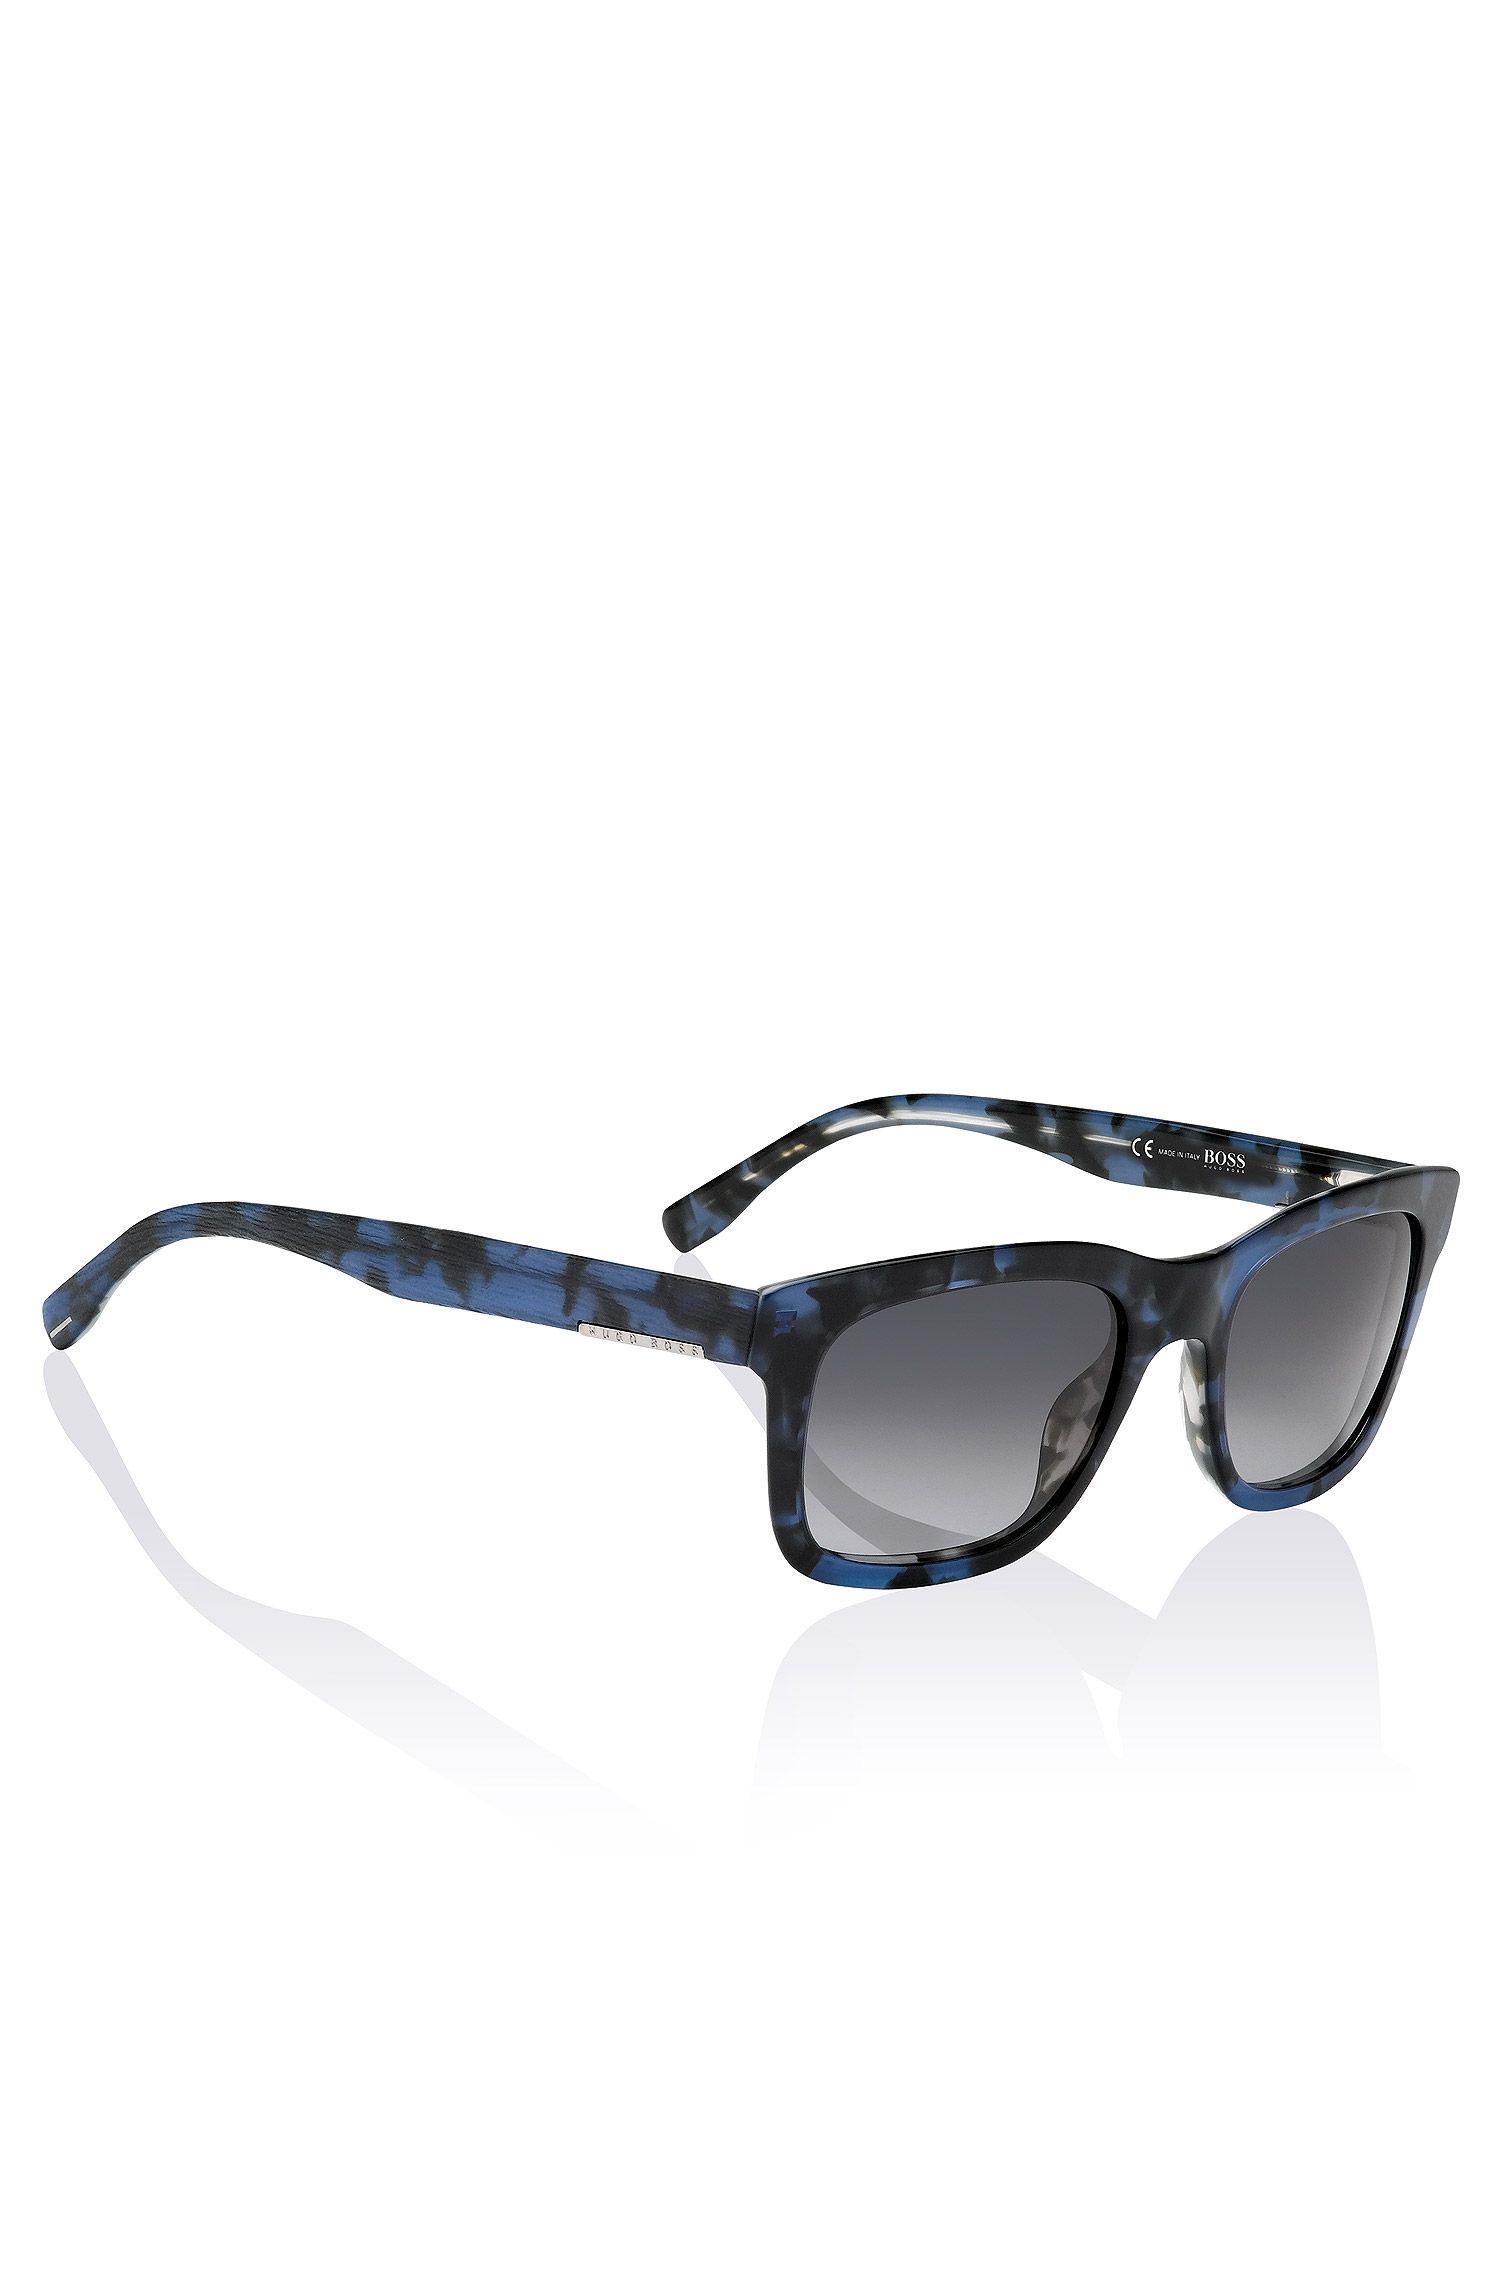 Sonnenbrille ´BOSS 0635/S` aus Acetat